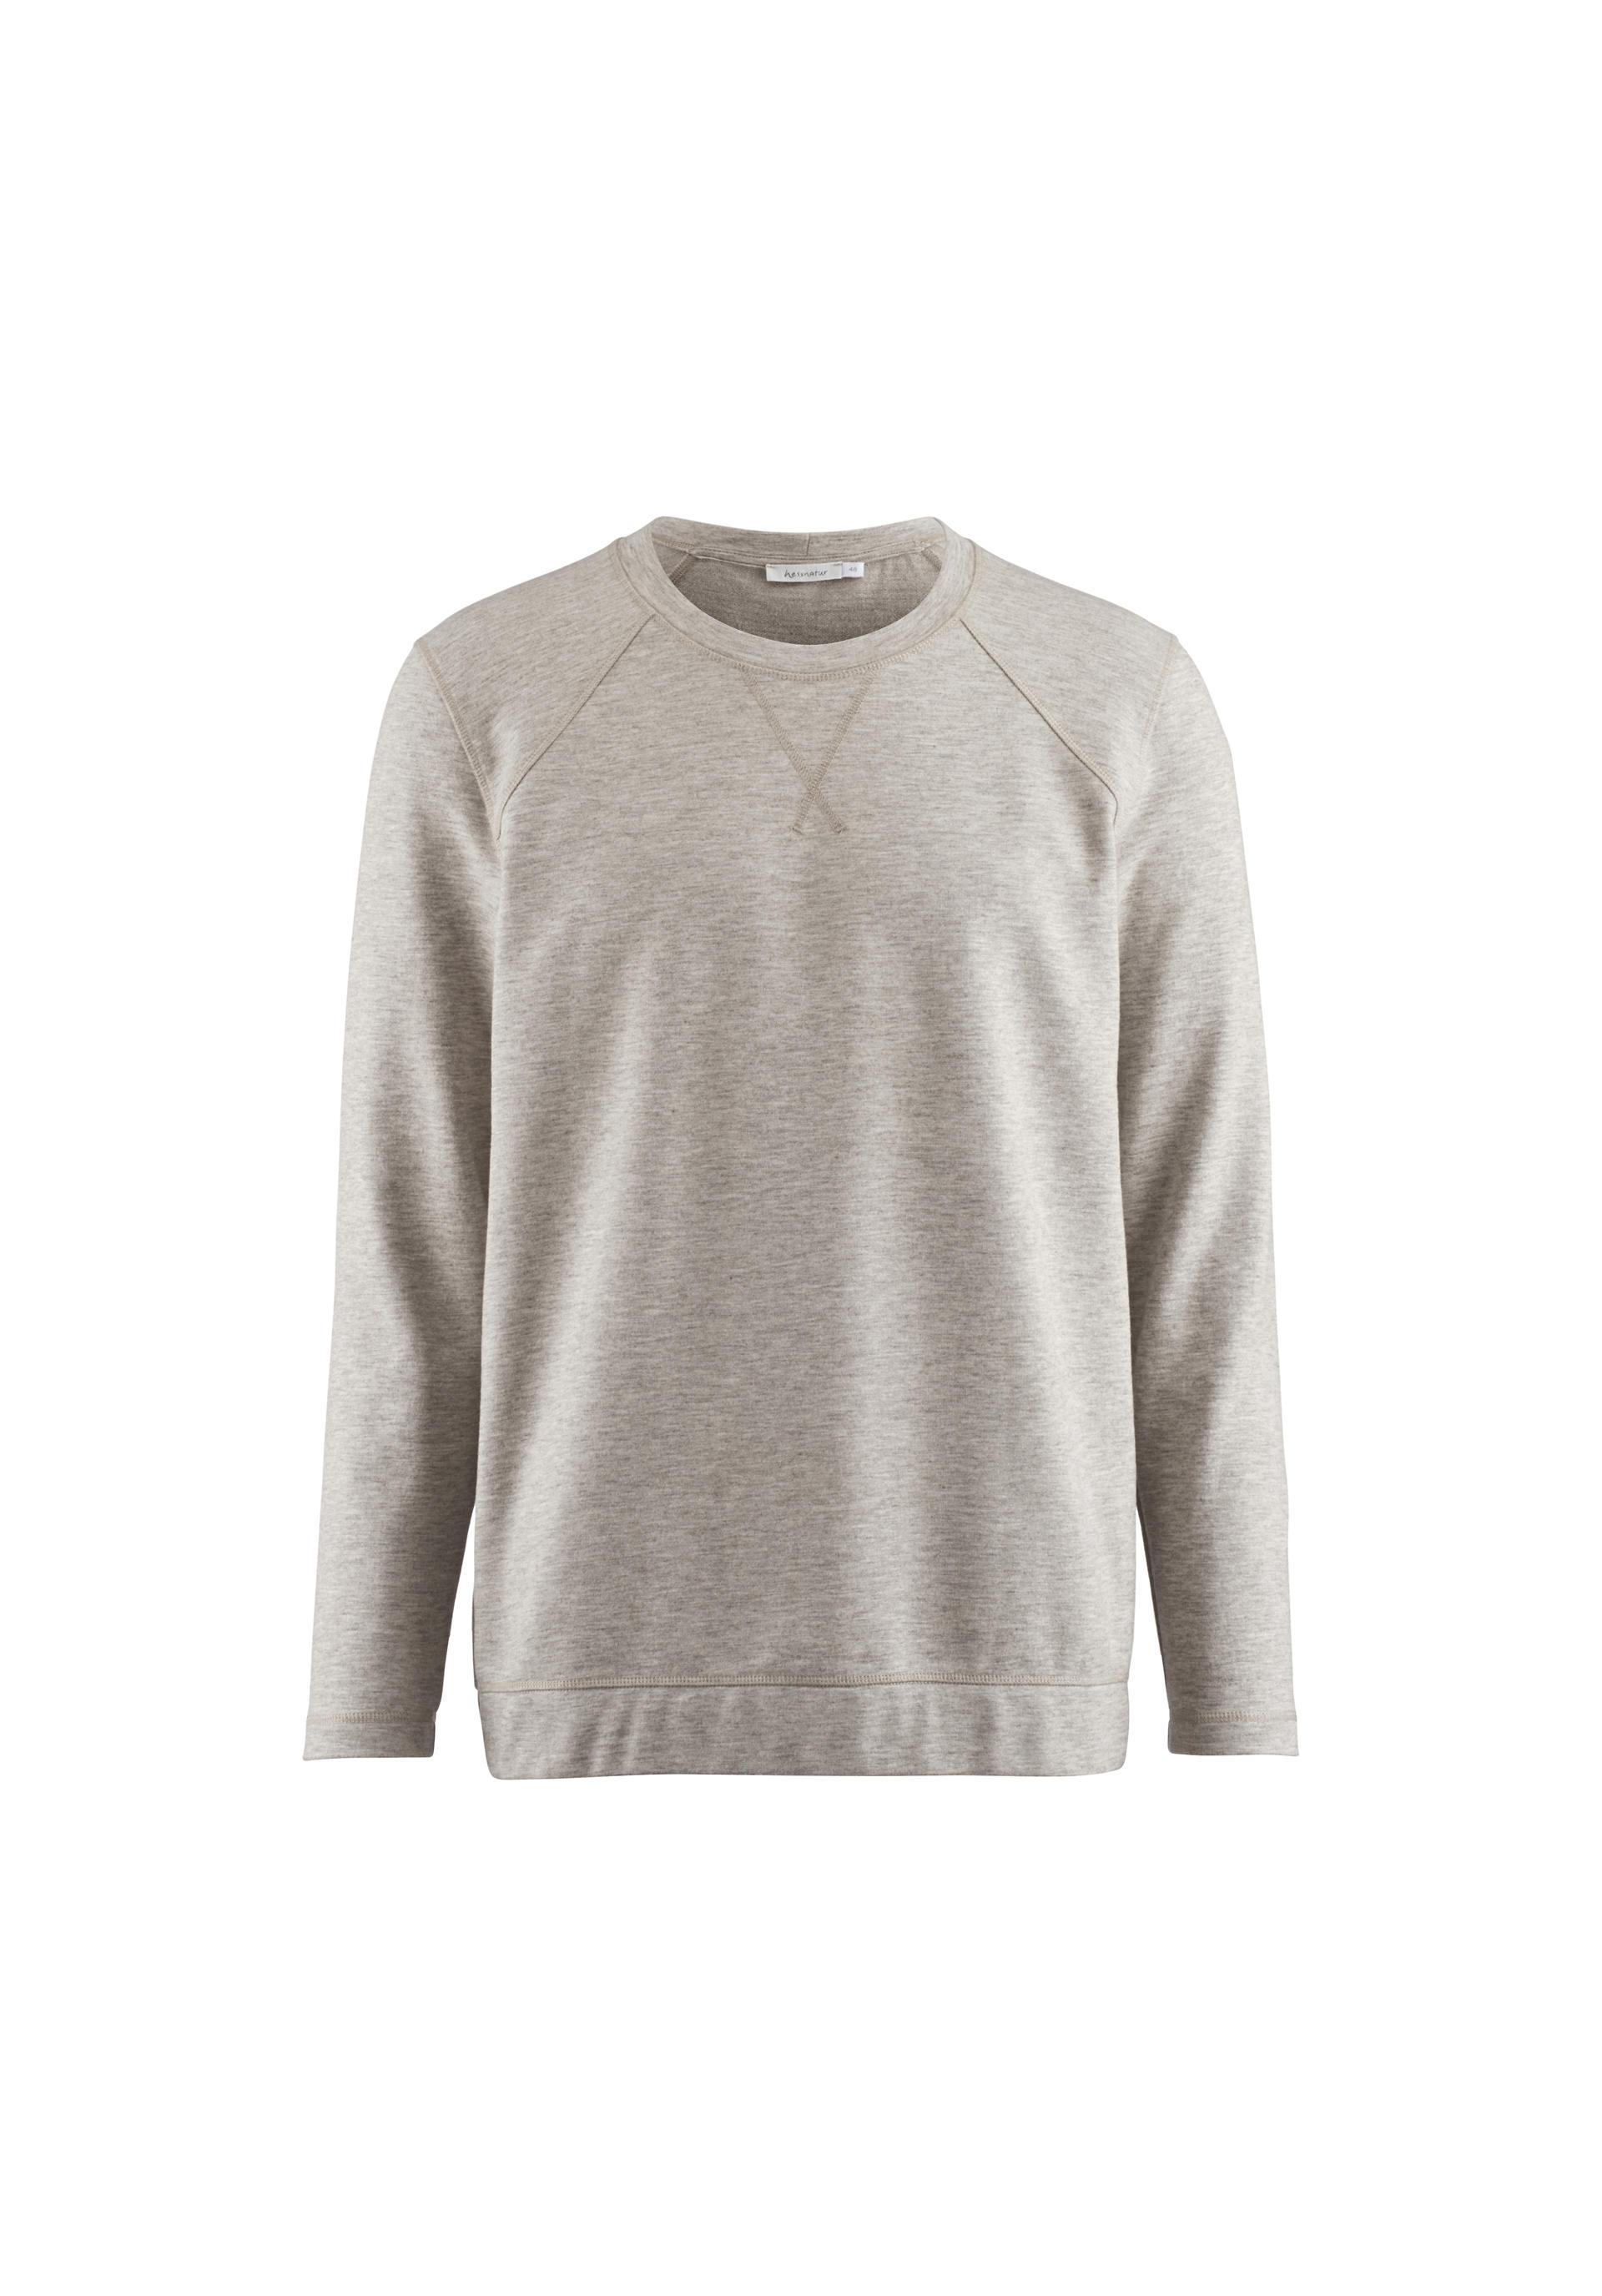 Sweatshirt aus Bio Baumwolle mit Yakwolle von hessnatur